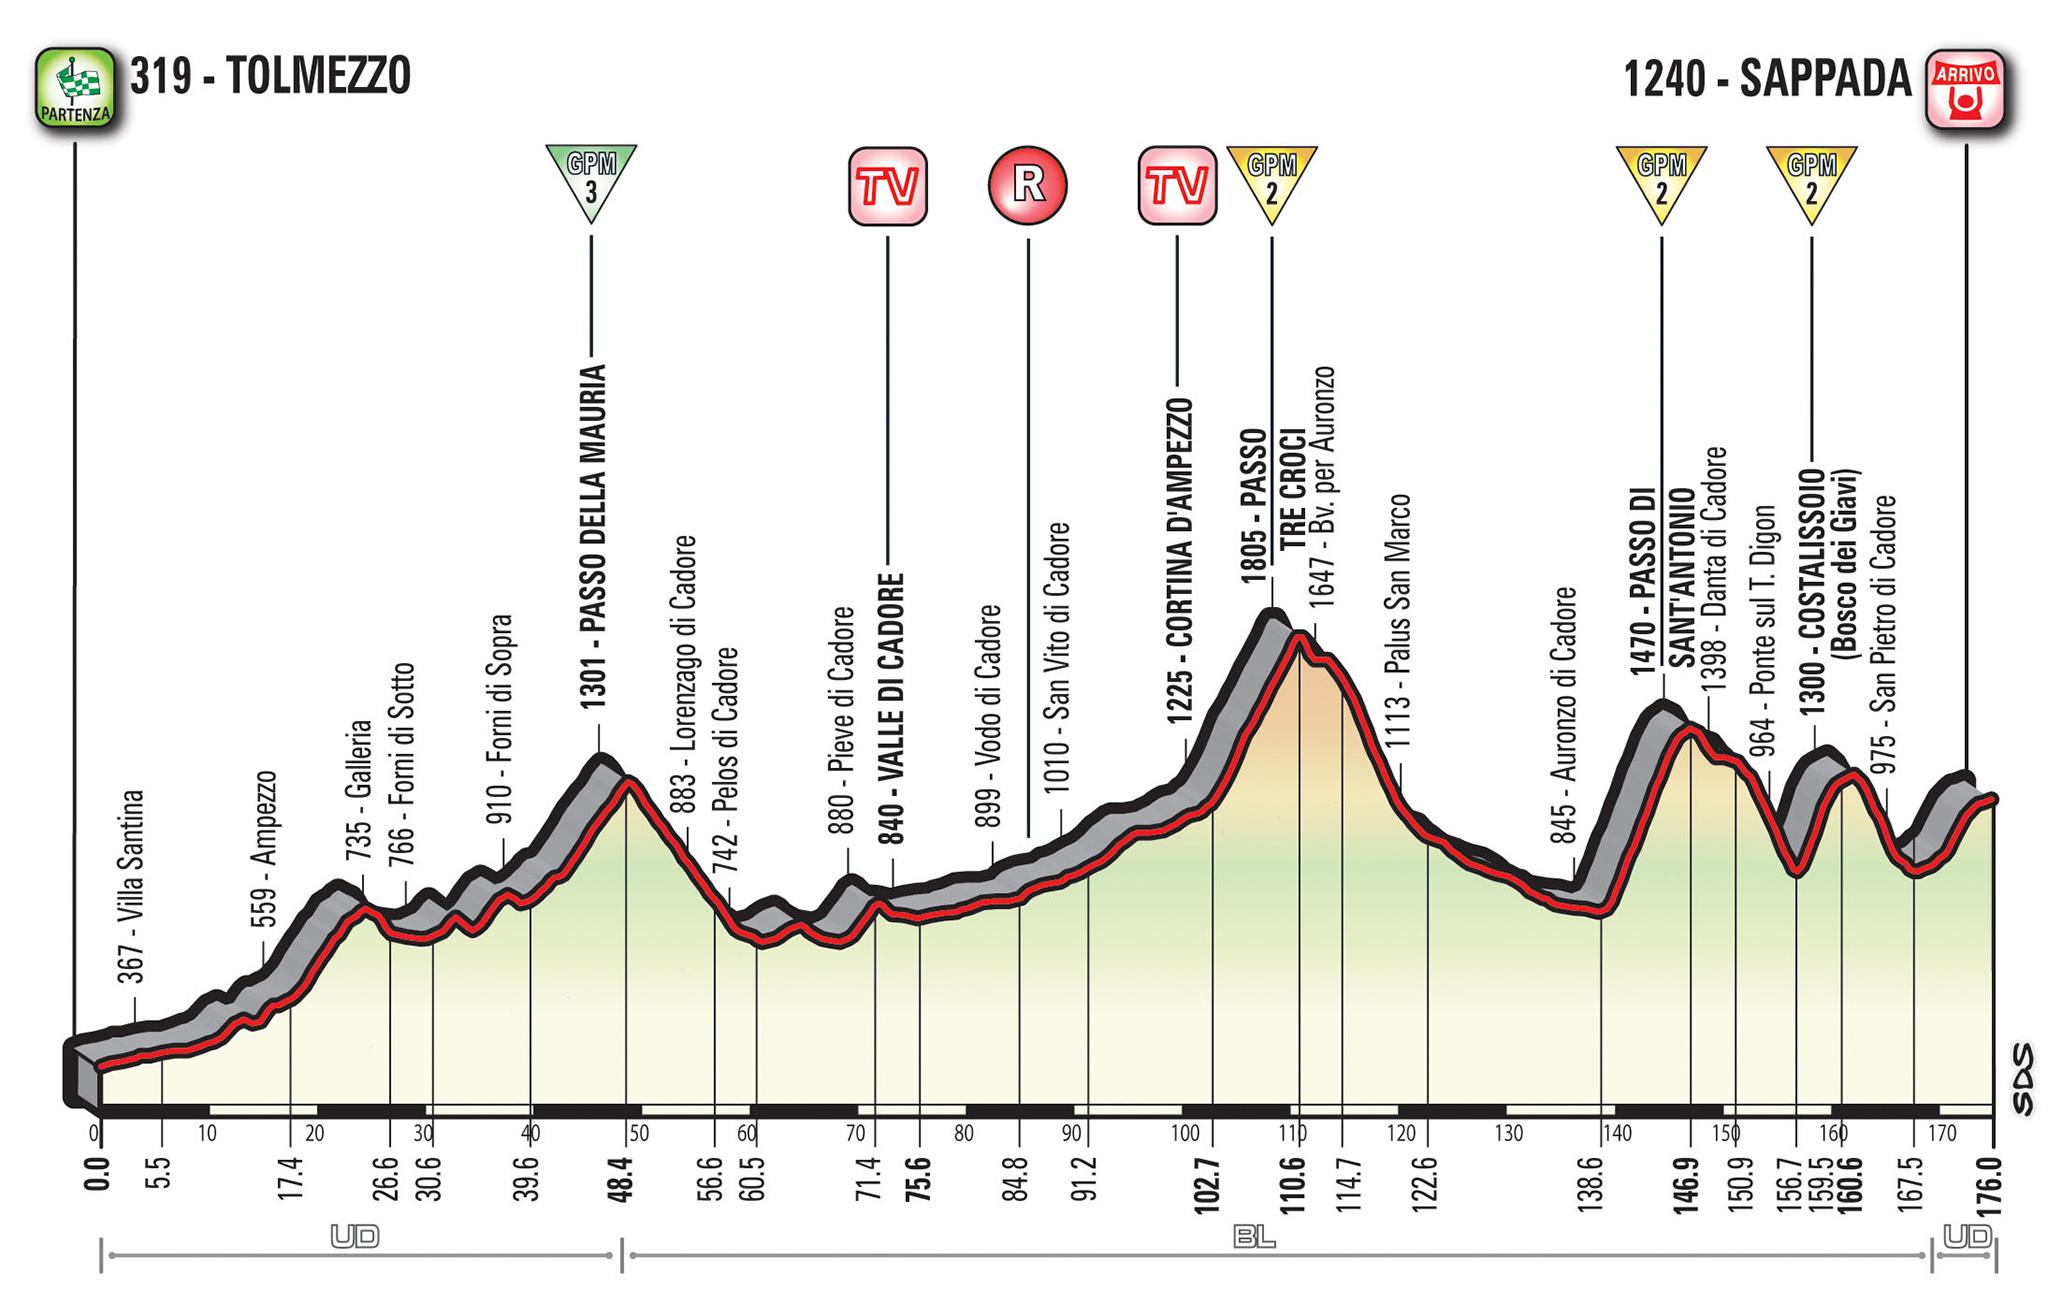 Giro d'Italia 2018 15e etappe